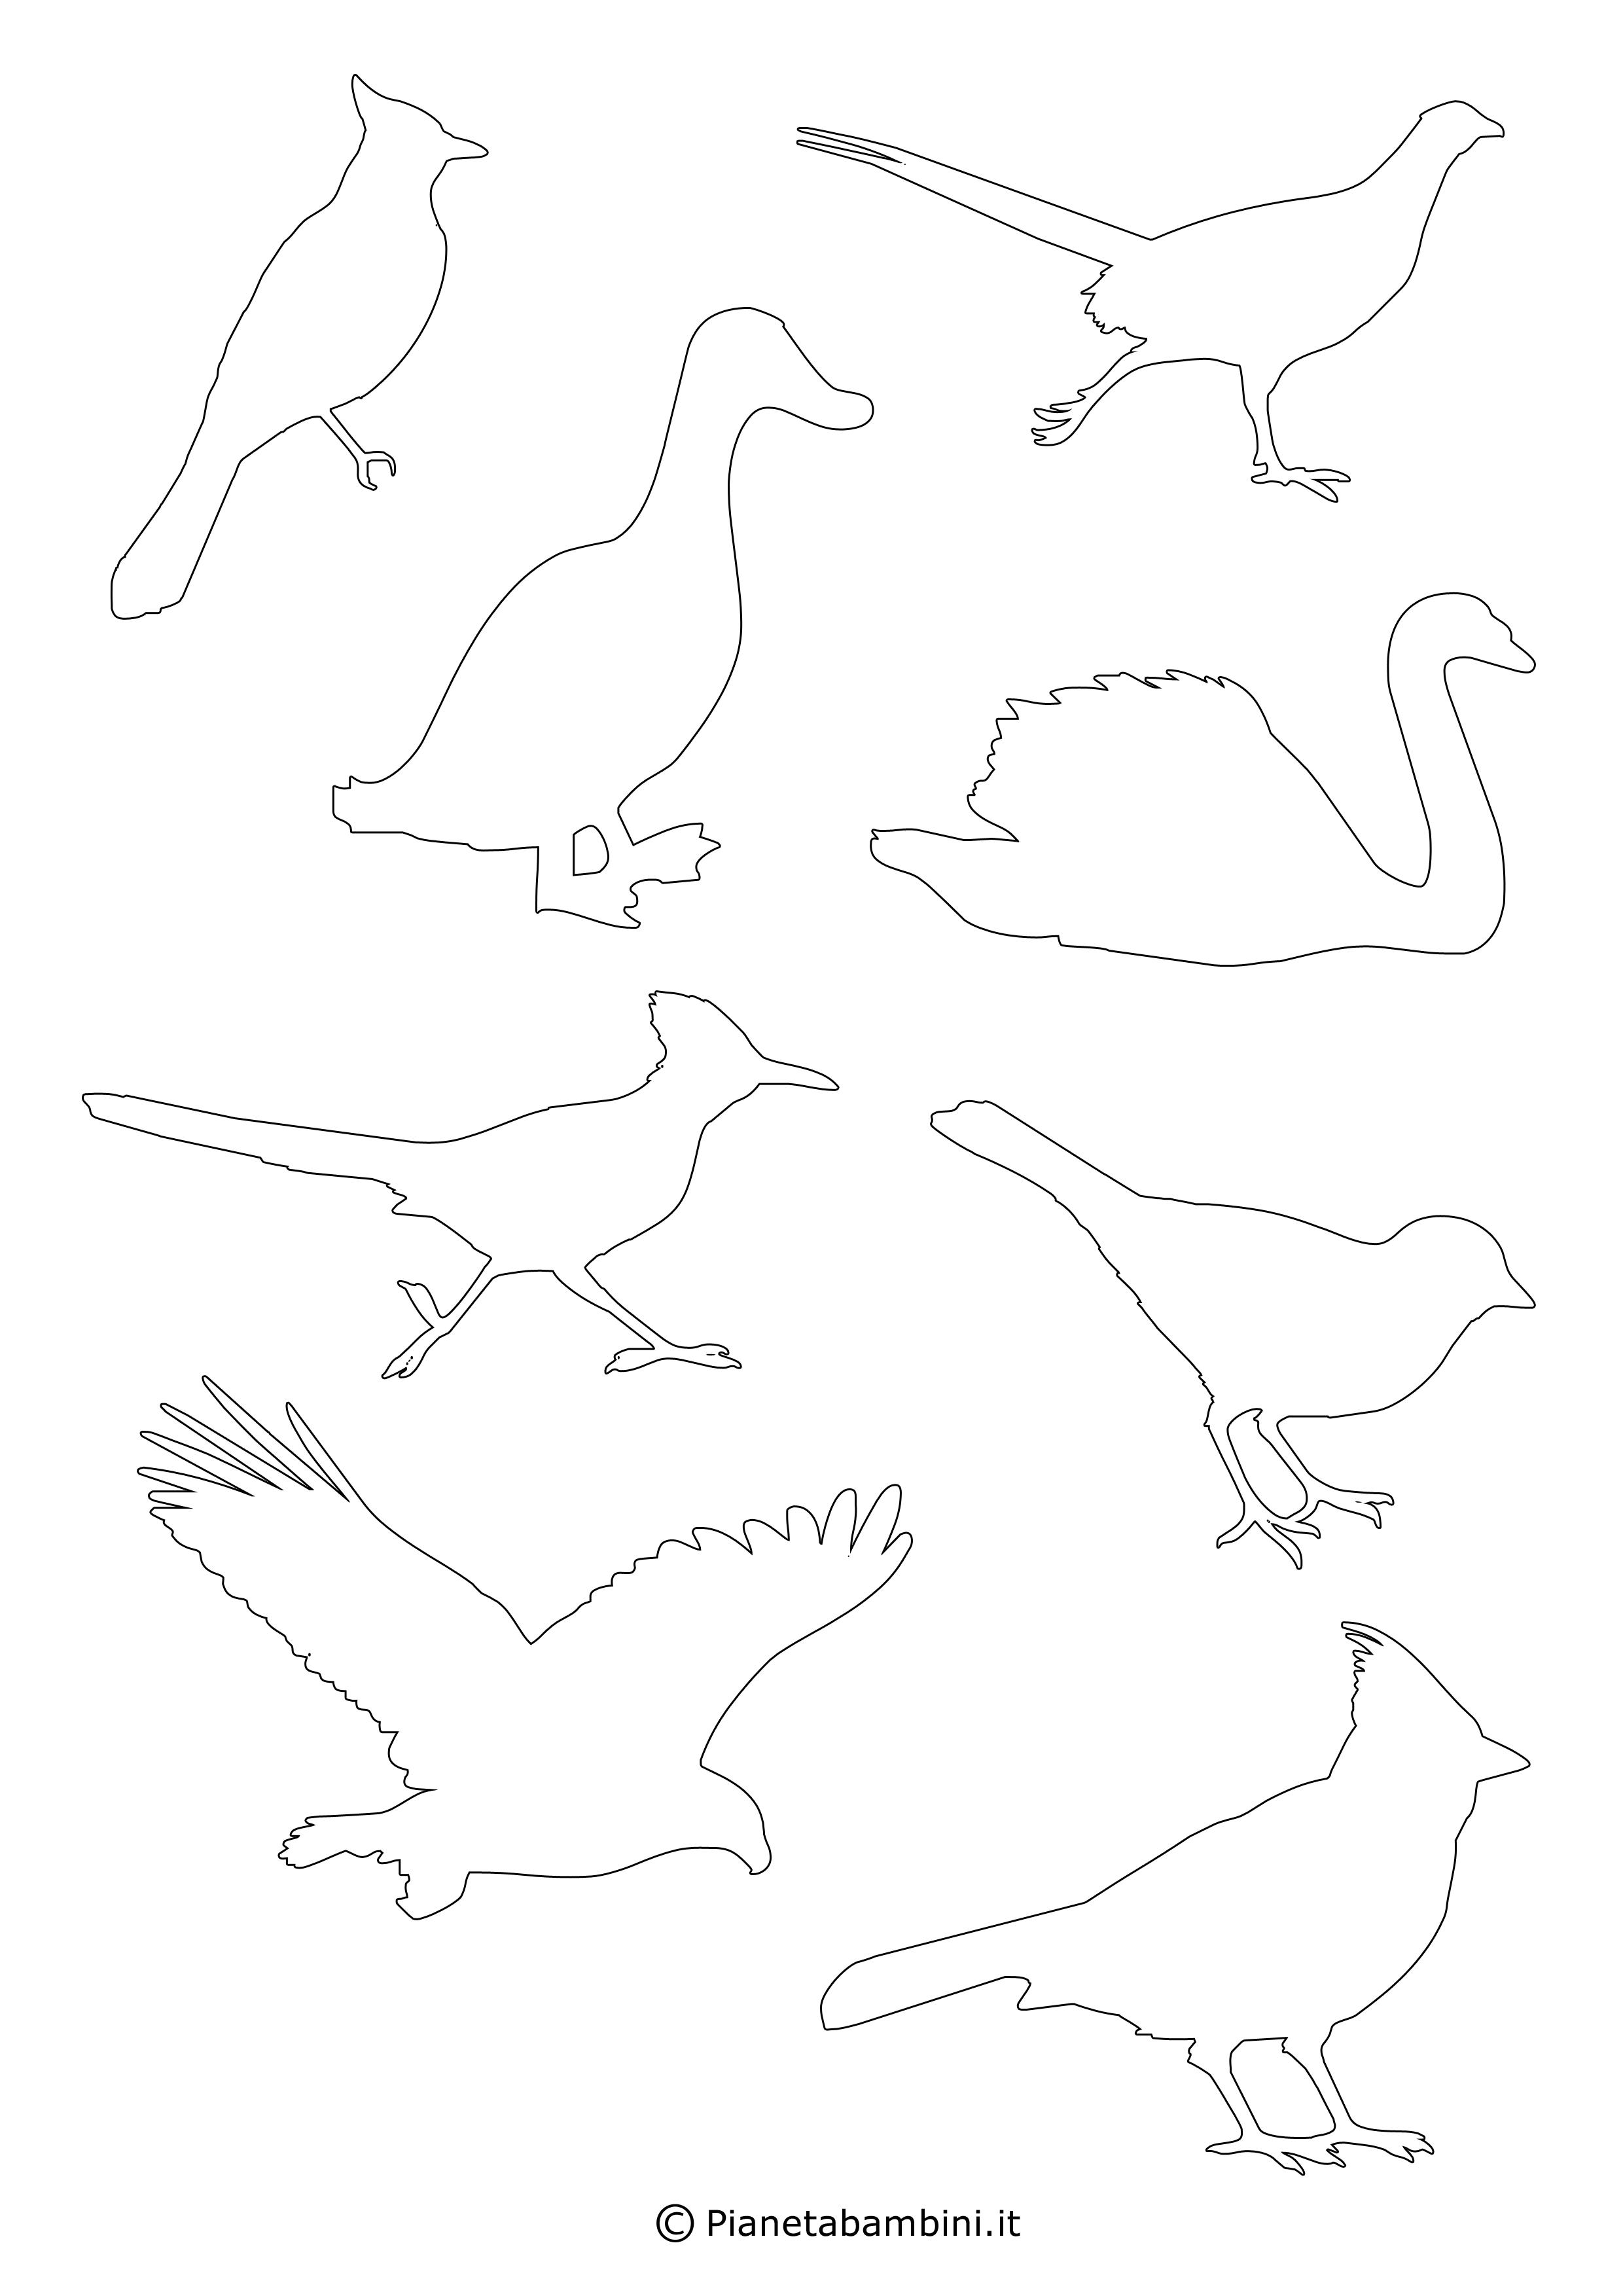 Sagome di uccelli da colorare e ritagliare per bambini - Primavera uccelli primavera colorazione pagine ...